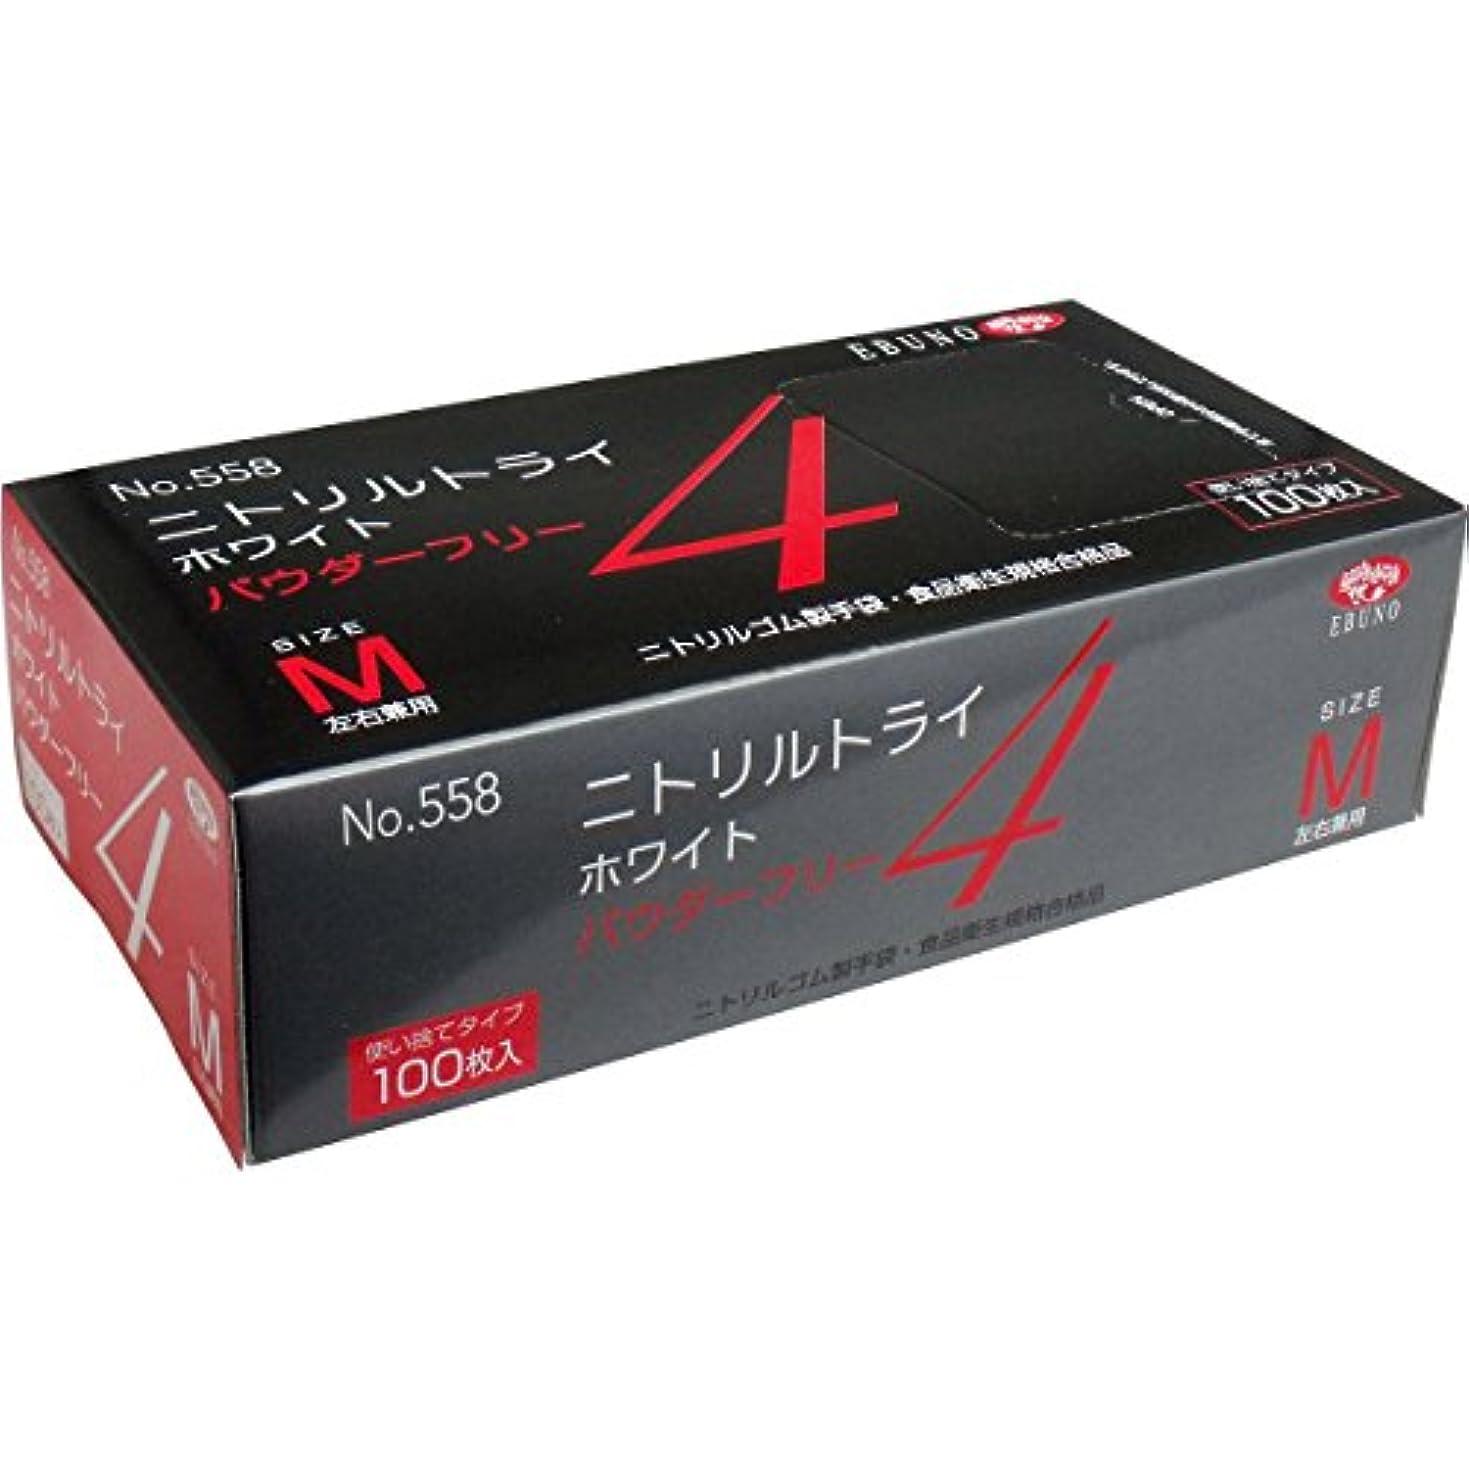 レザー知性強化するニトリルトライ4 №558 ホワイト 粉無 Mサイズ 100枚入